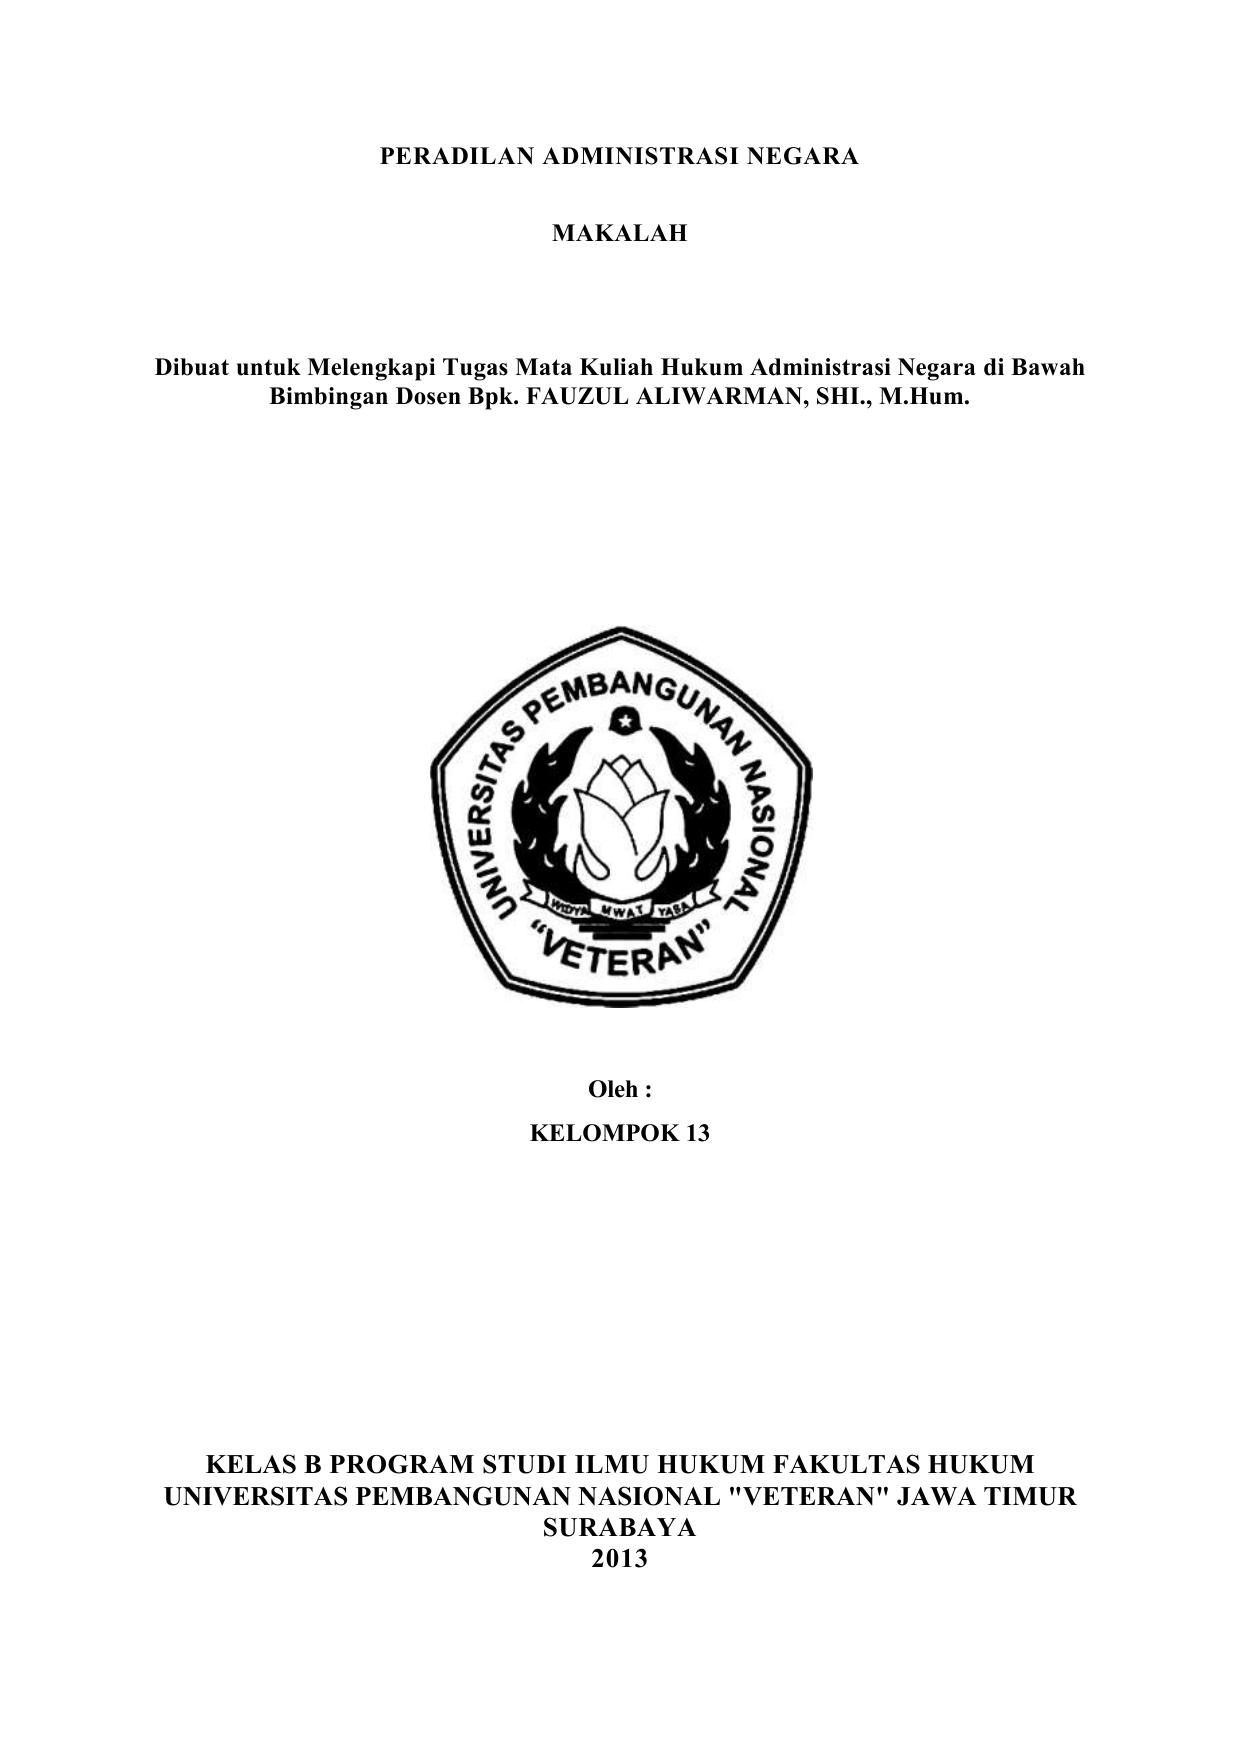 Peradilan Administrasi Negara Makalah Dibuat Untuk